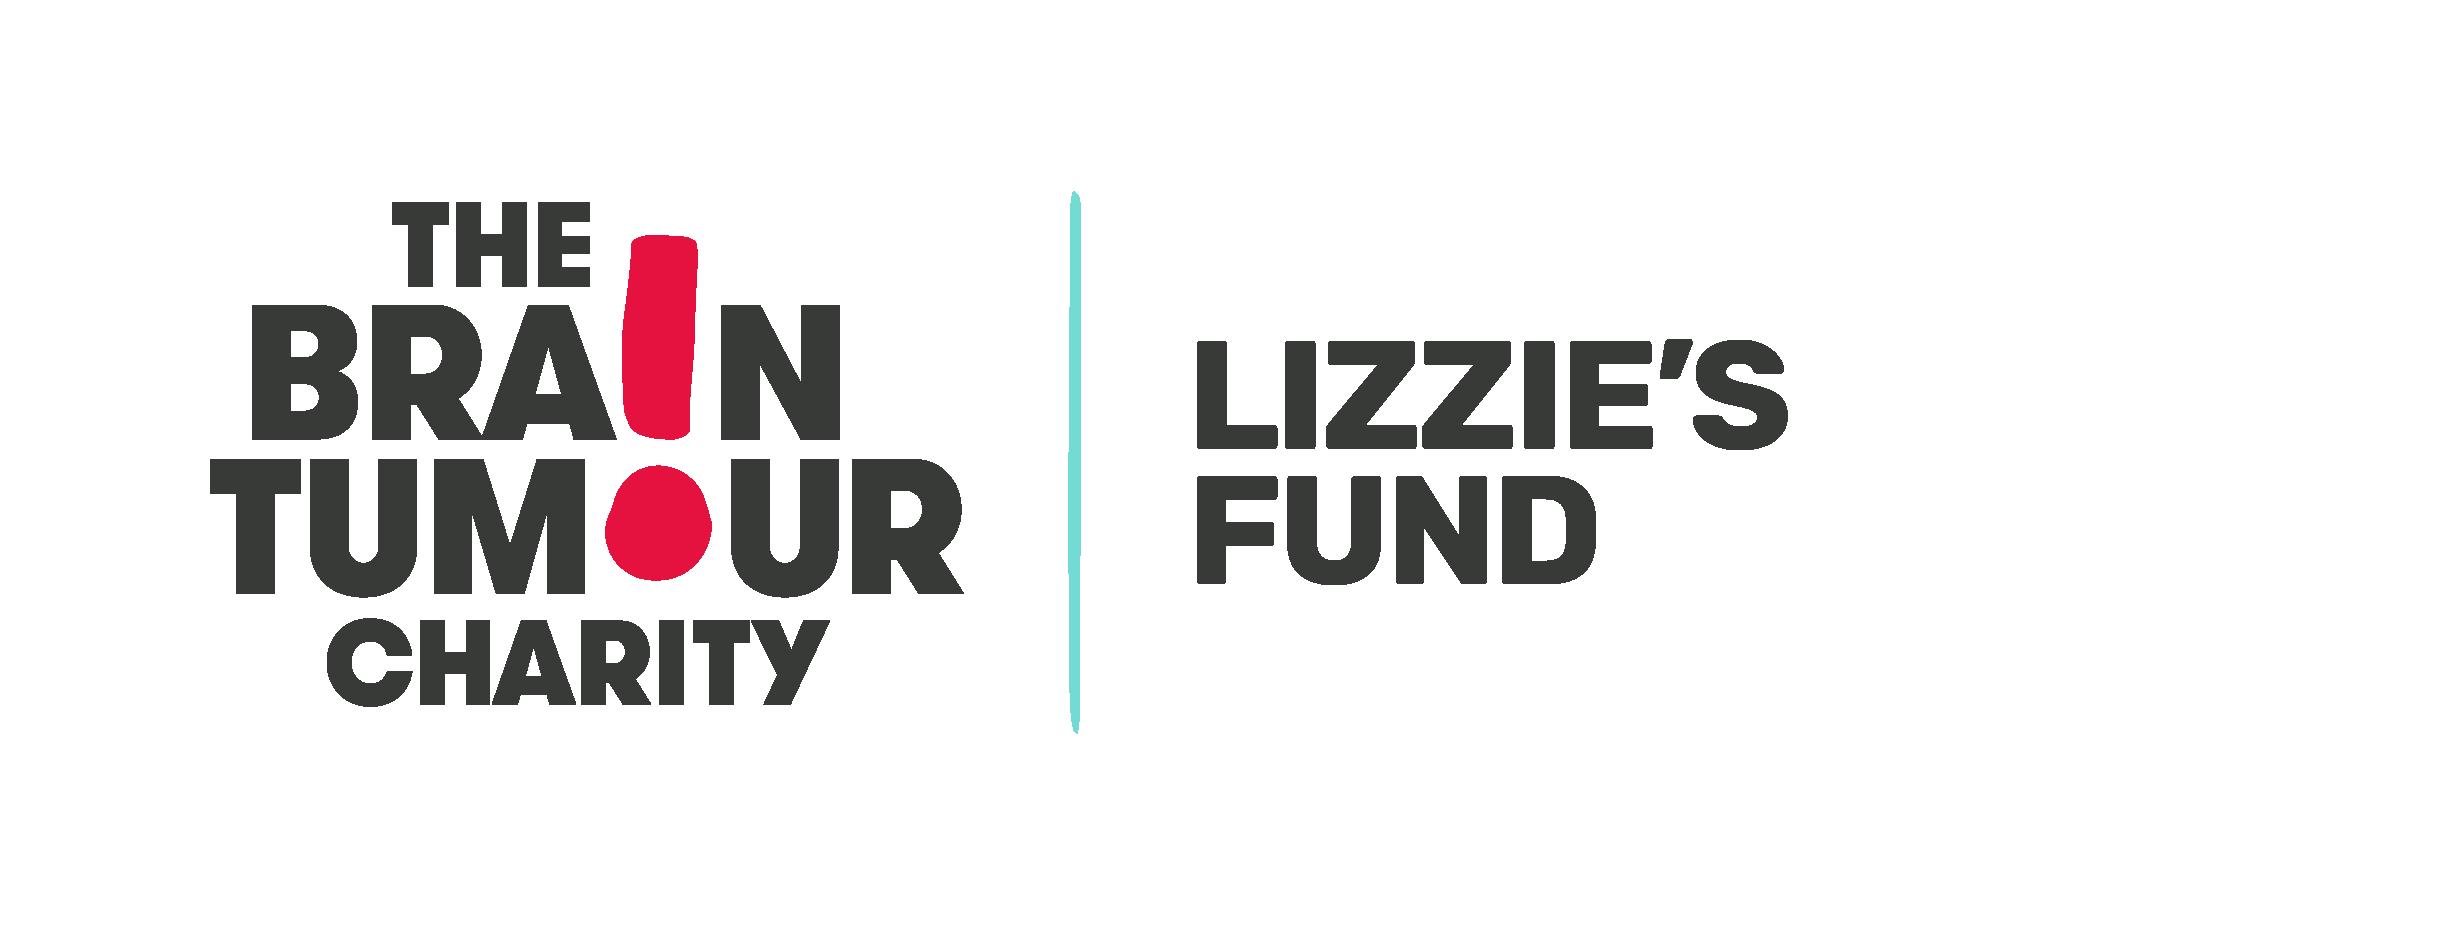 Lizzie's Fund